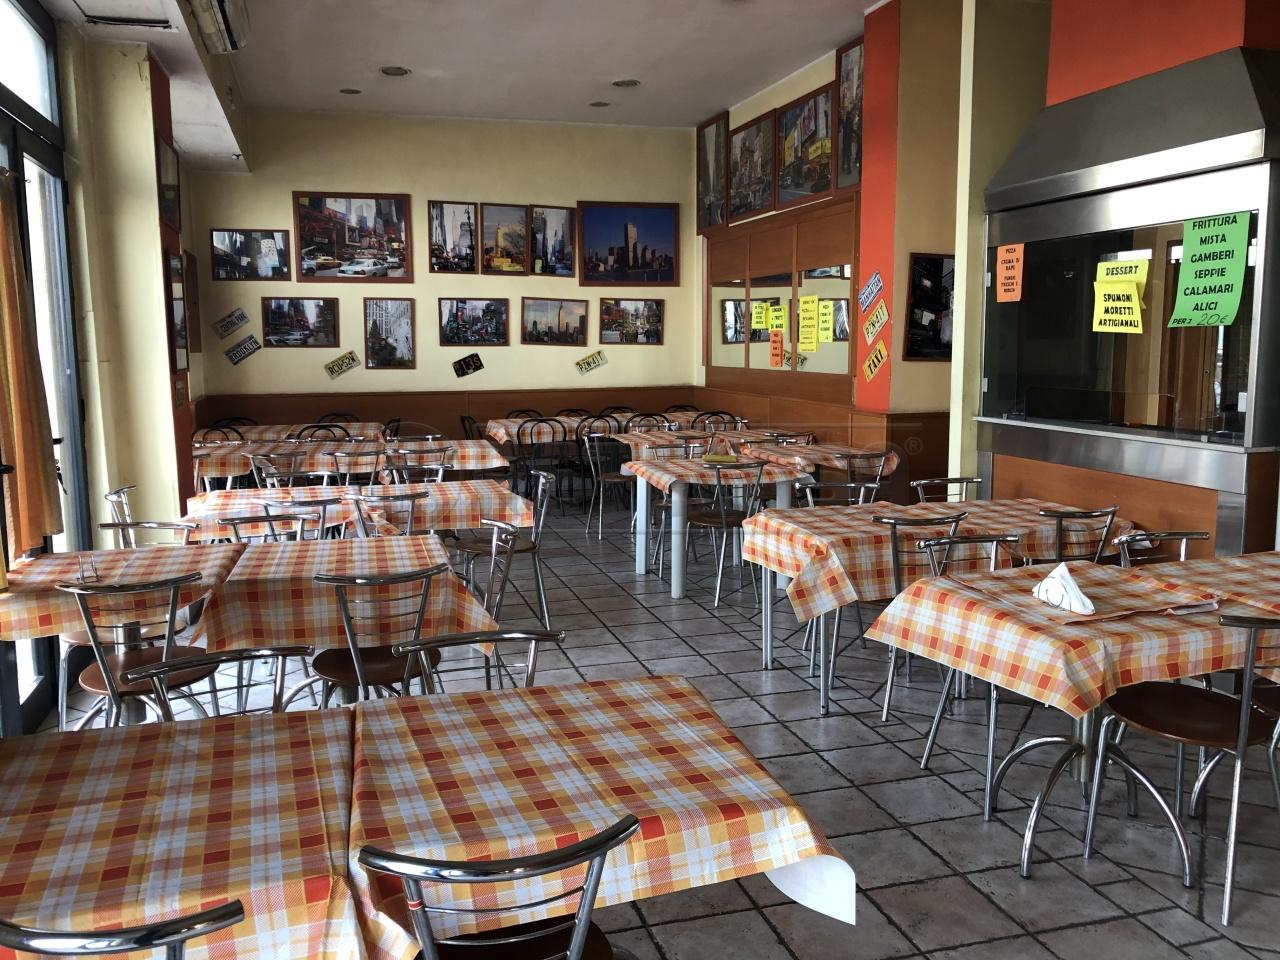 Attività commerciale - Ristorante-Pizzeria a Molfetta Rif. 9706593